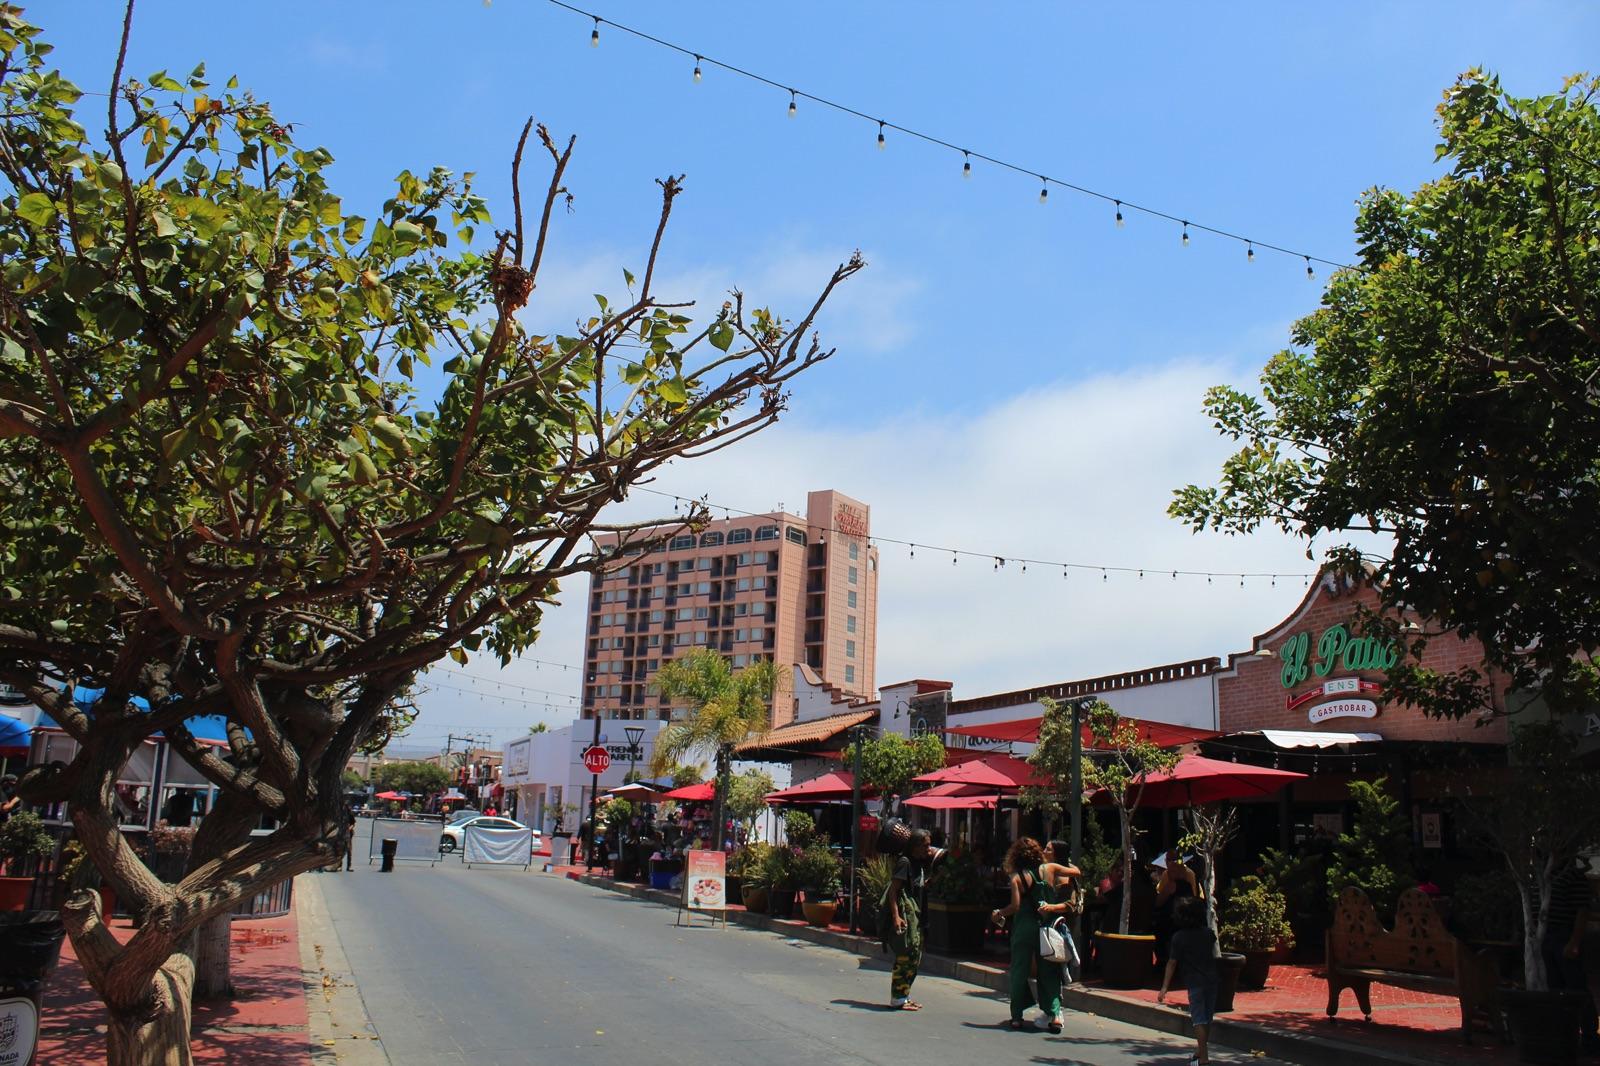 Cosas que debes probar en tus siguientes vacaciones en Ensenada